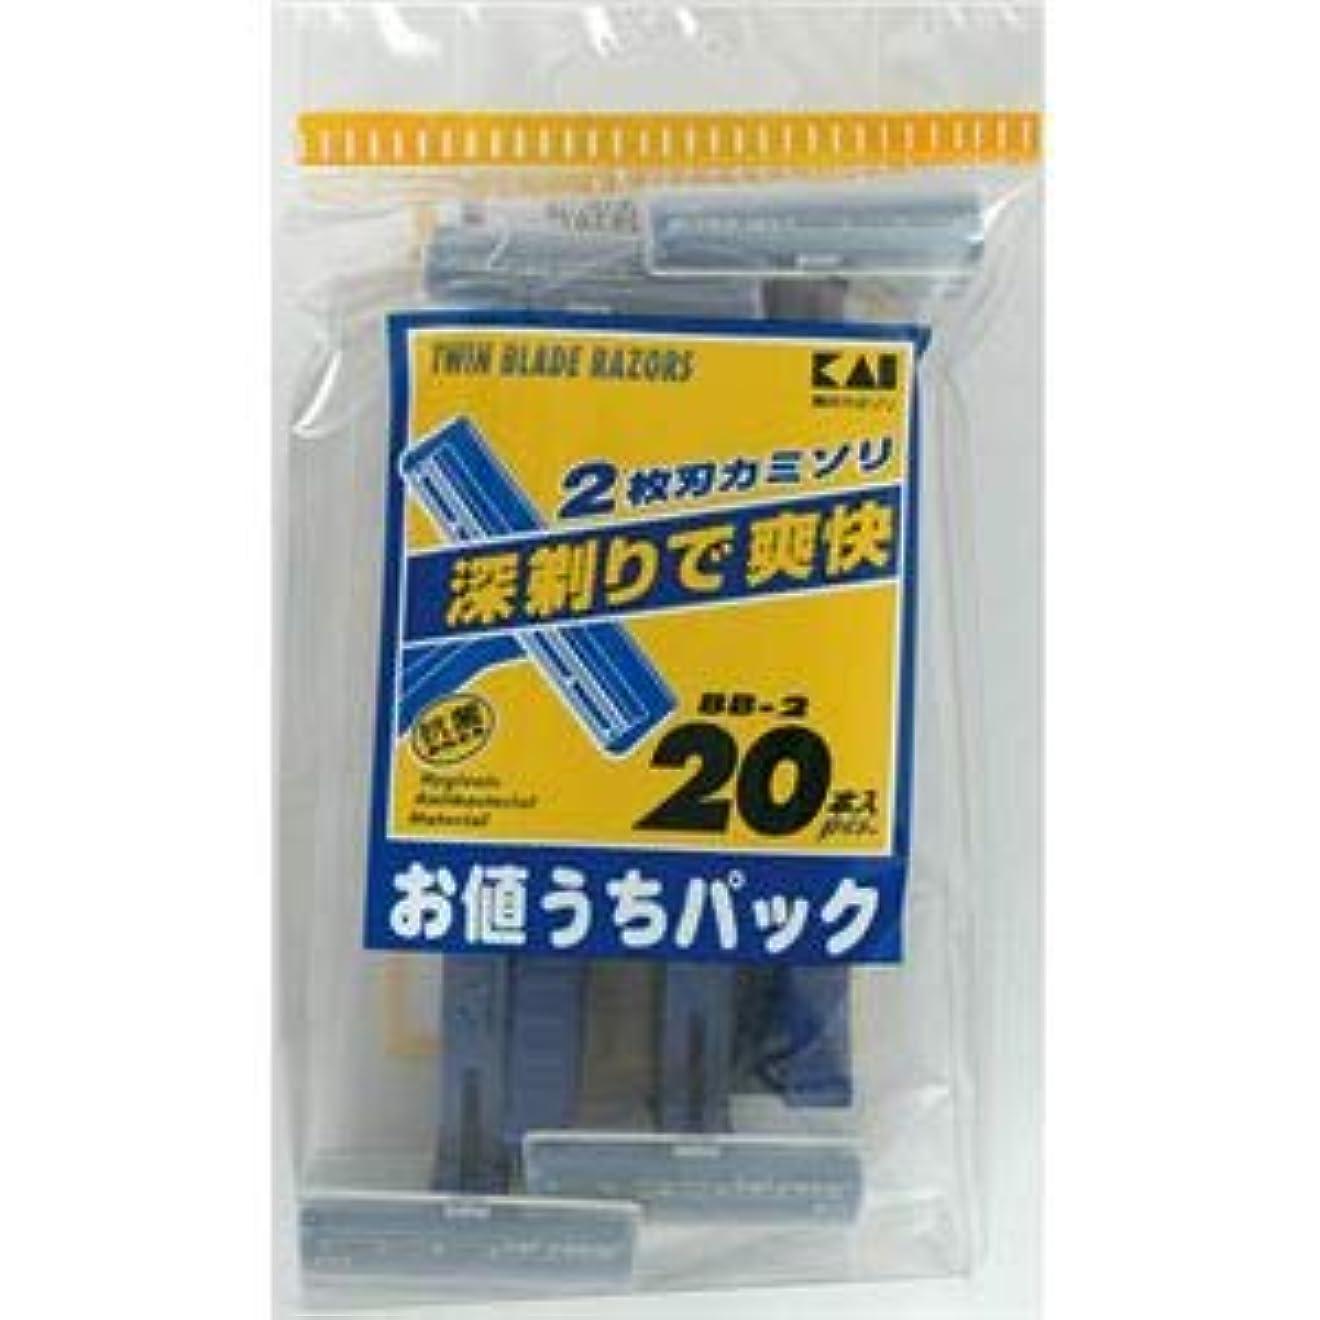 知的してはいけない傘(業務用20セット) 貝印 BB-2 2枚刃カミソリ 20本